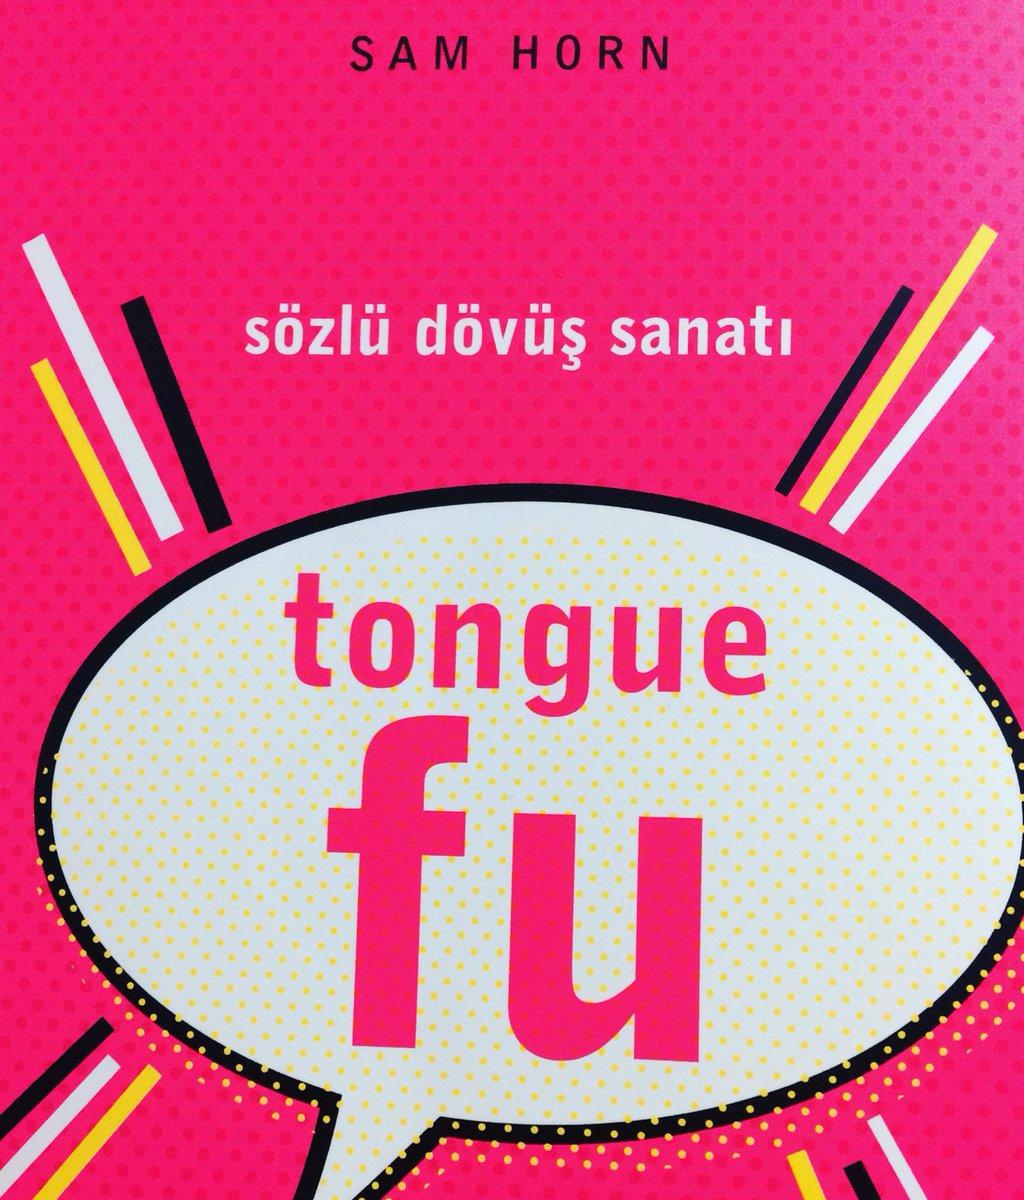 """Bu hafta https://t.co/UC7qNa3IAm 'da blog yazımız, Sam Horn'un yazdığı """"Tongue Fu"""" kitabını konu alıyor. Keyifli okumalar📚 https://t.co/td2CUYUh4J"""